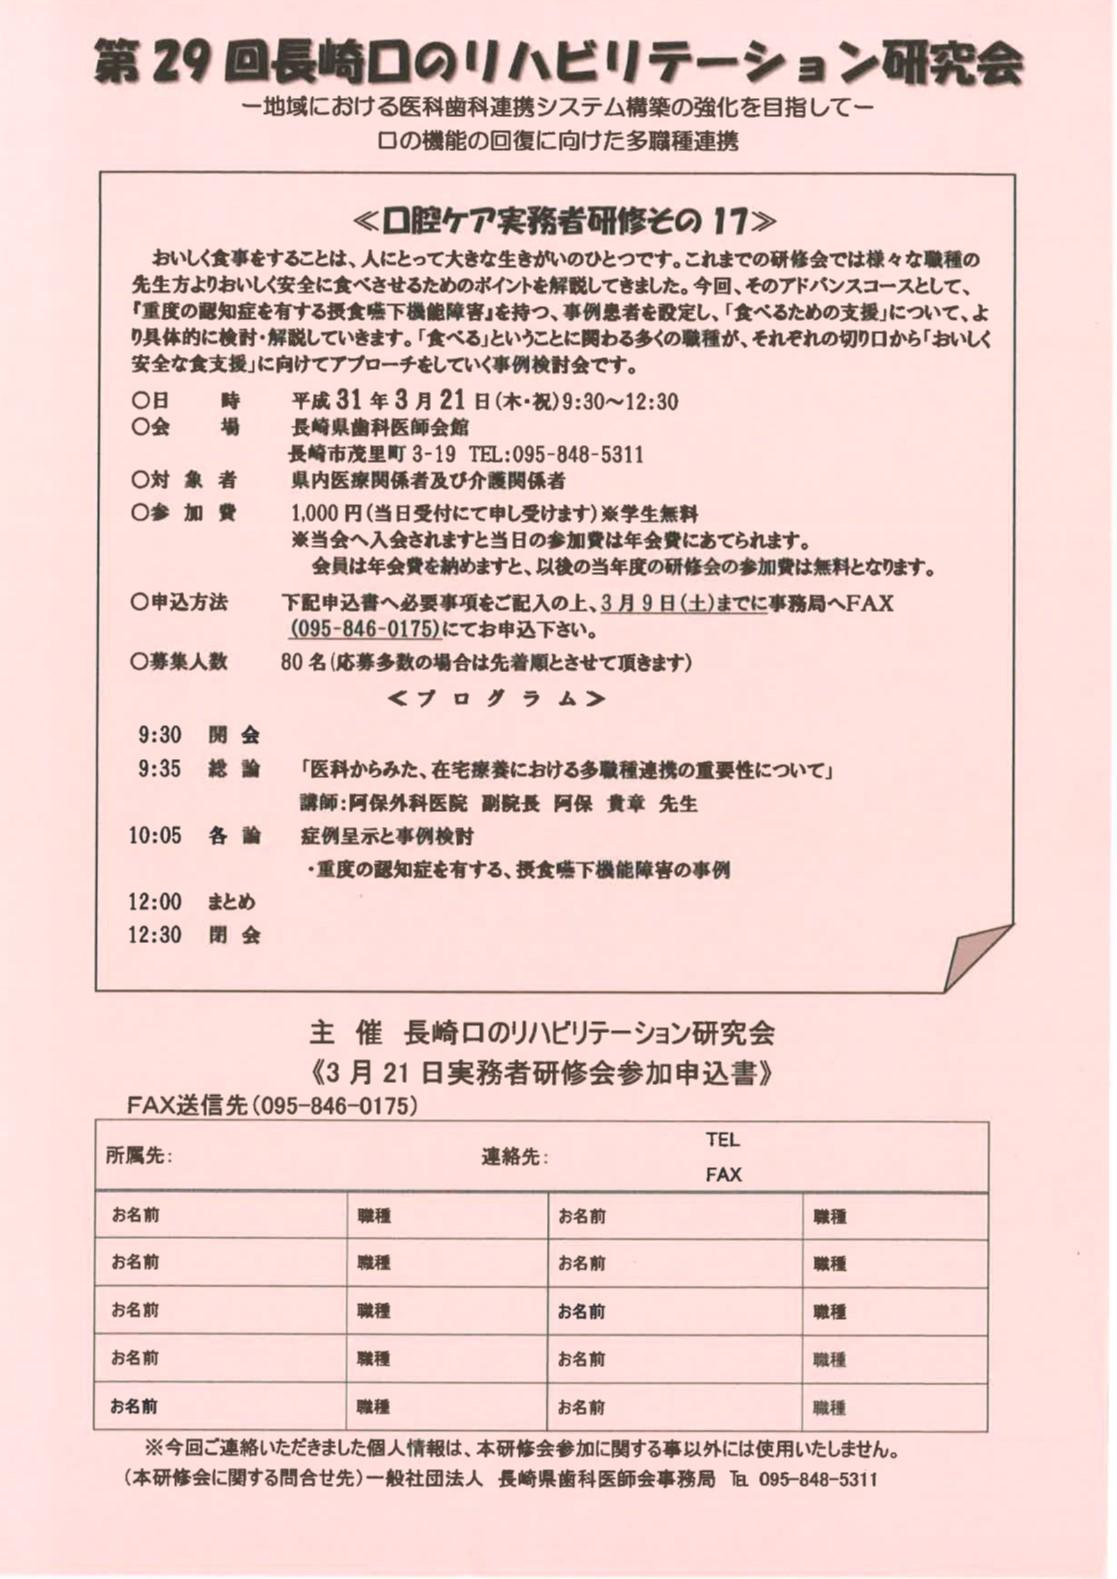 第29回長崎口のリハビリテーション研究会のお知らせ @ 長崎県歯科医師会館